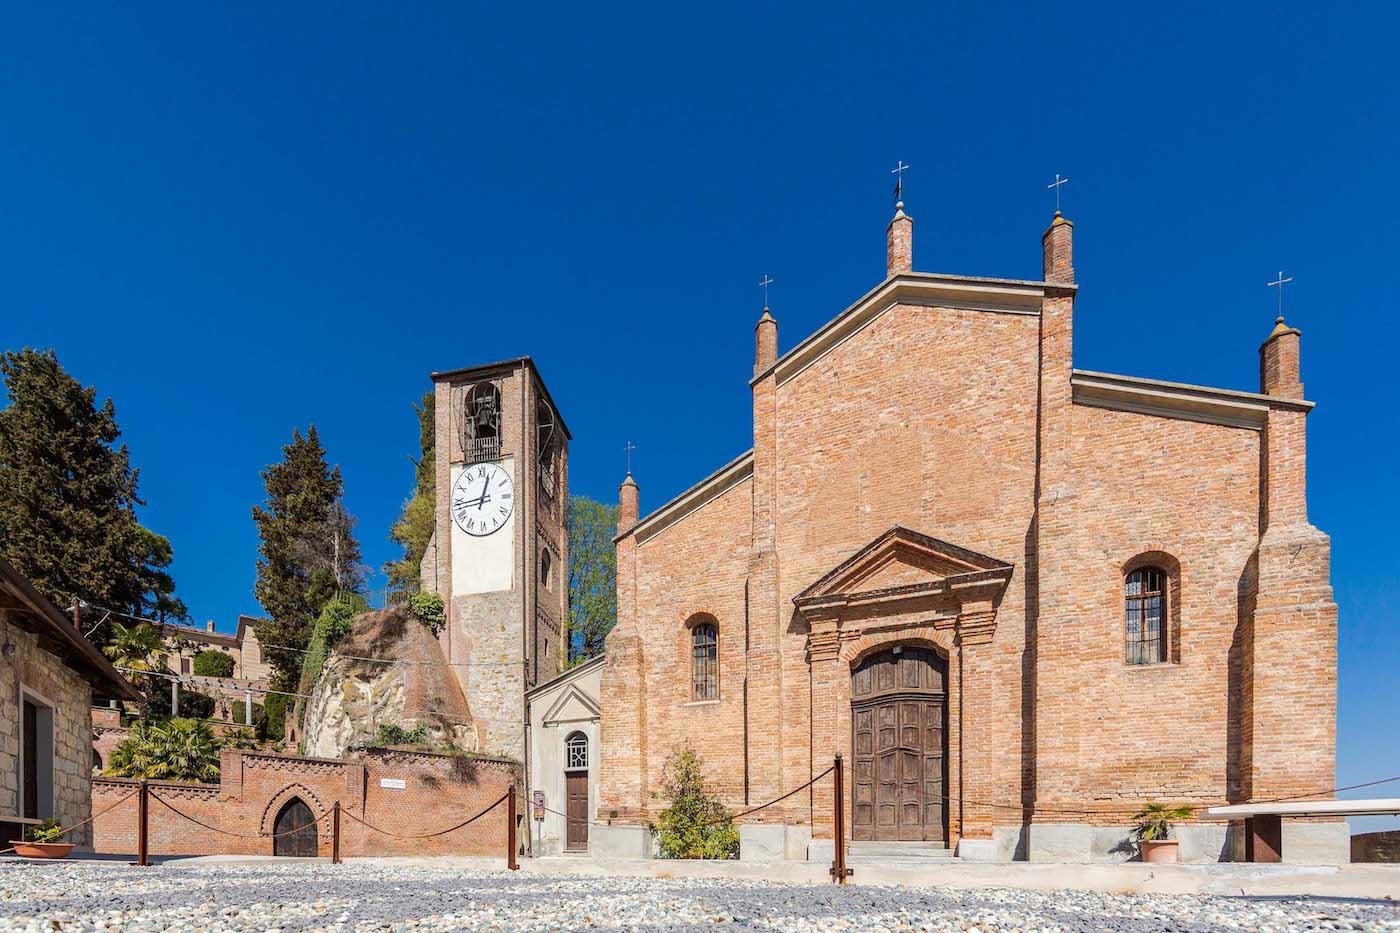 La chiesa di San Salvatore a Ozzano Monferrato